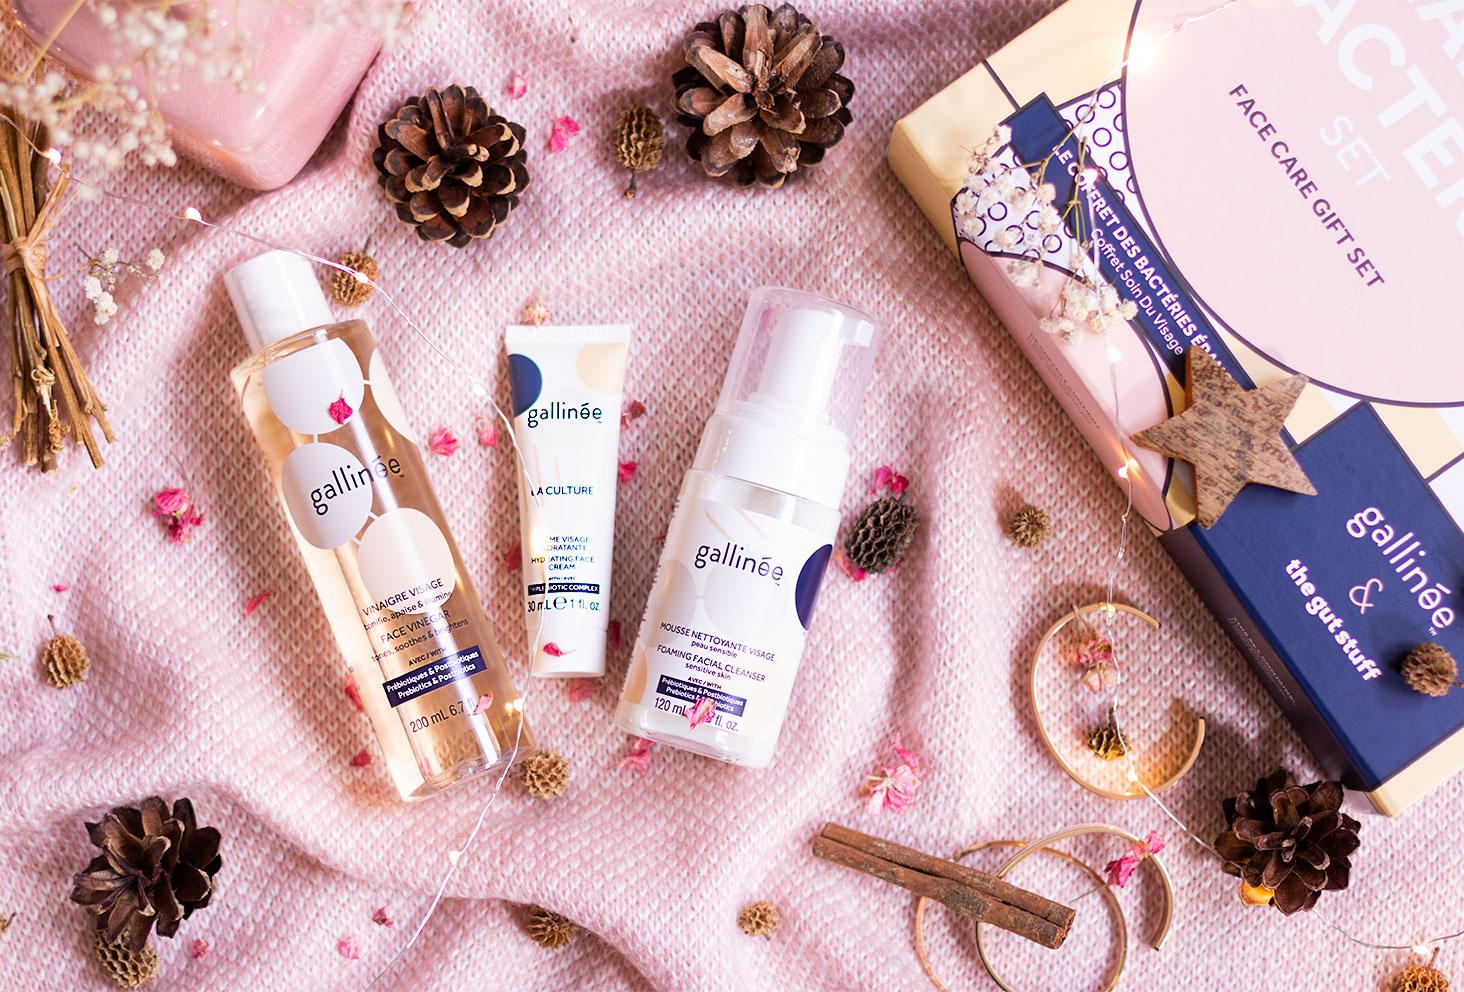 Trois produits d'un joli coffret de la marque Gallinée sur un plaid rose au milieu des guirlandes et des décorations de Noël